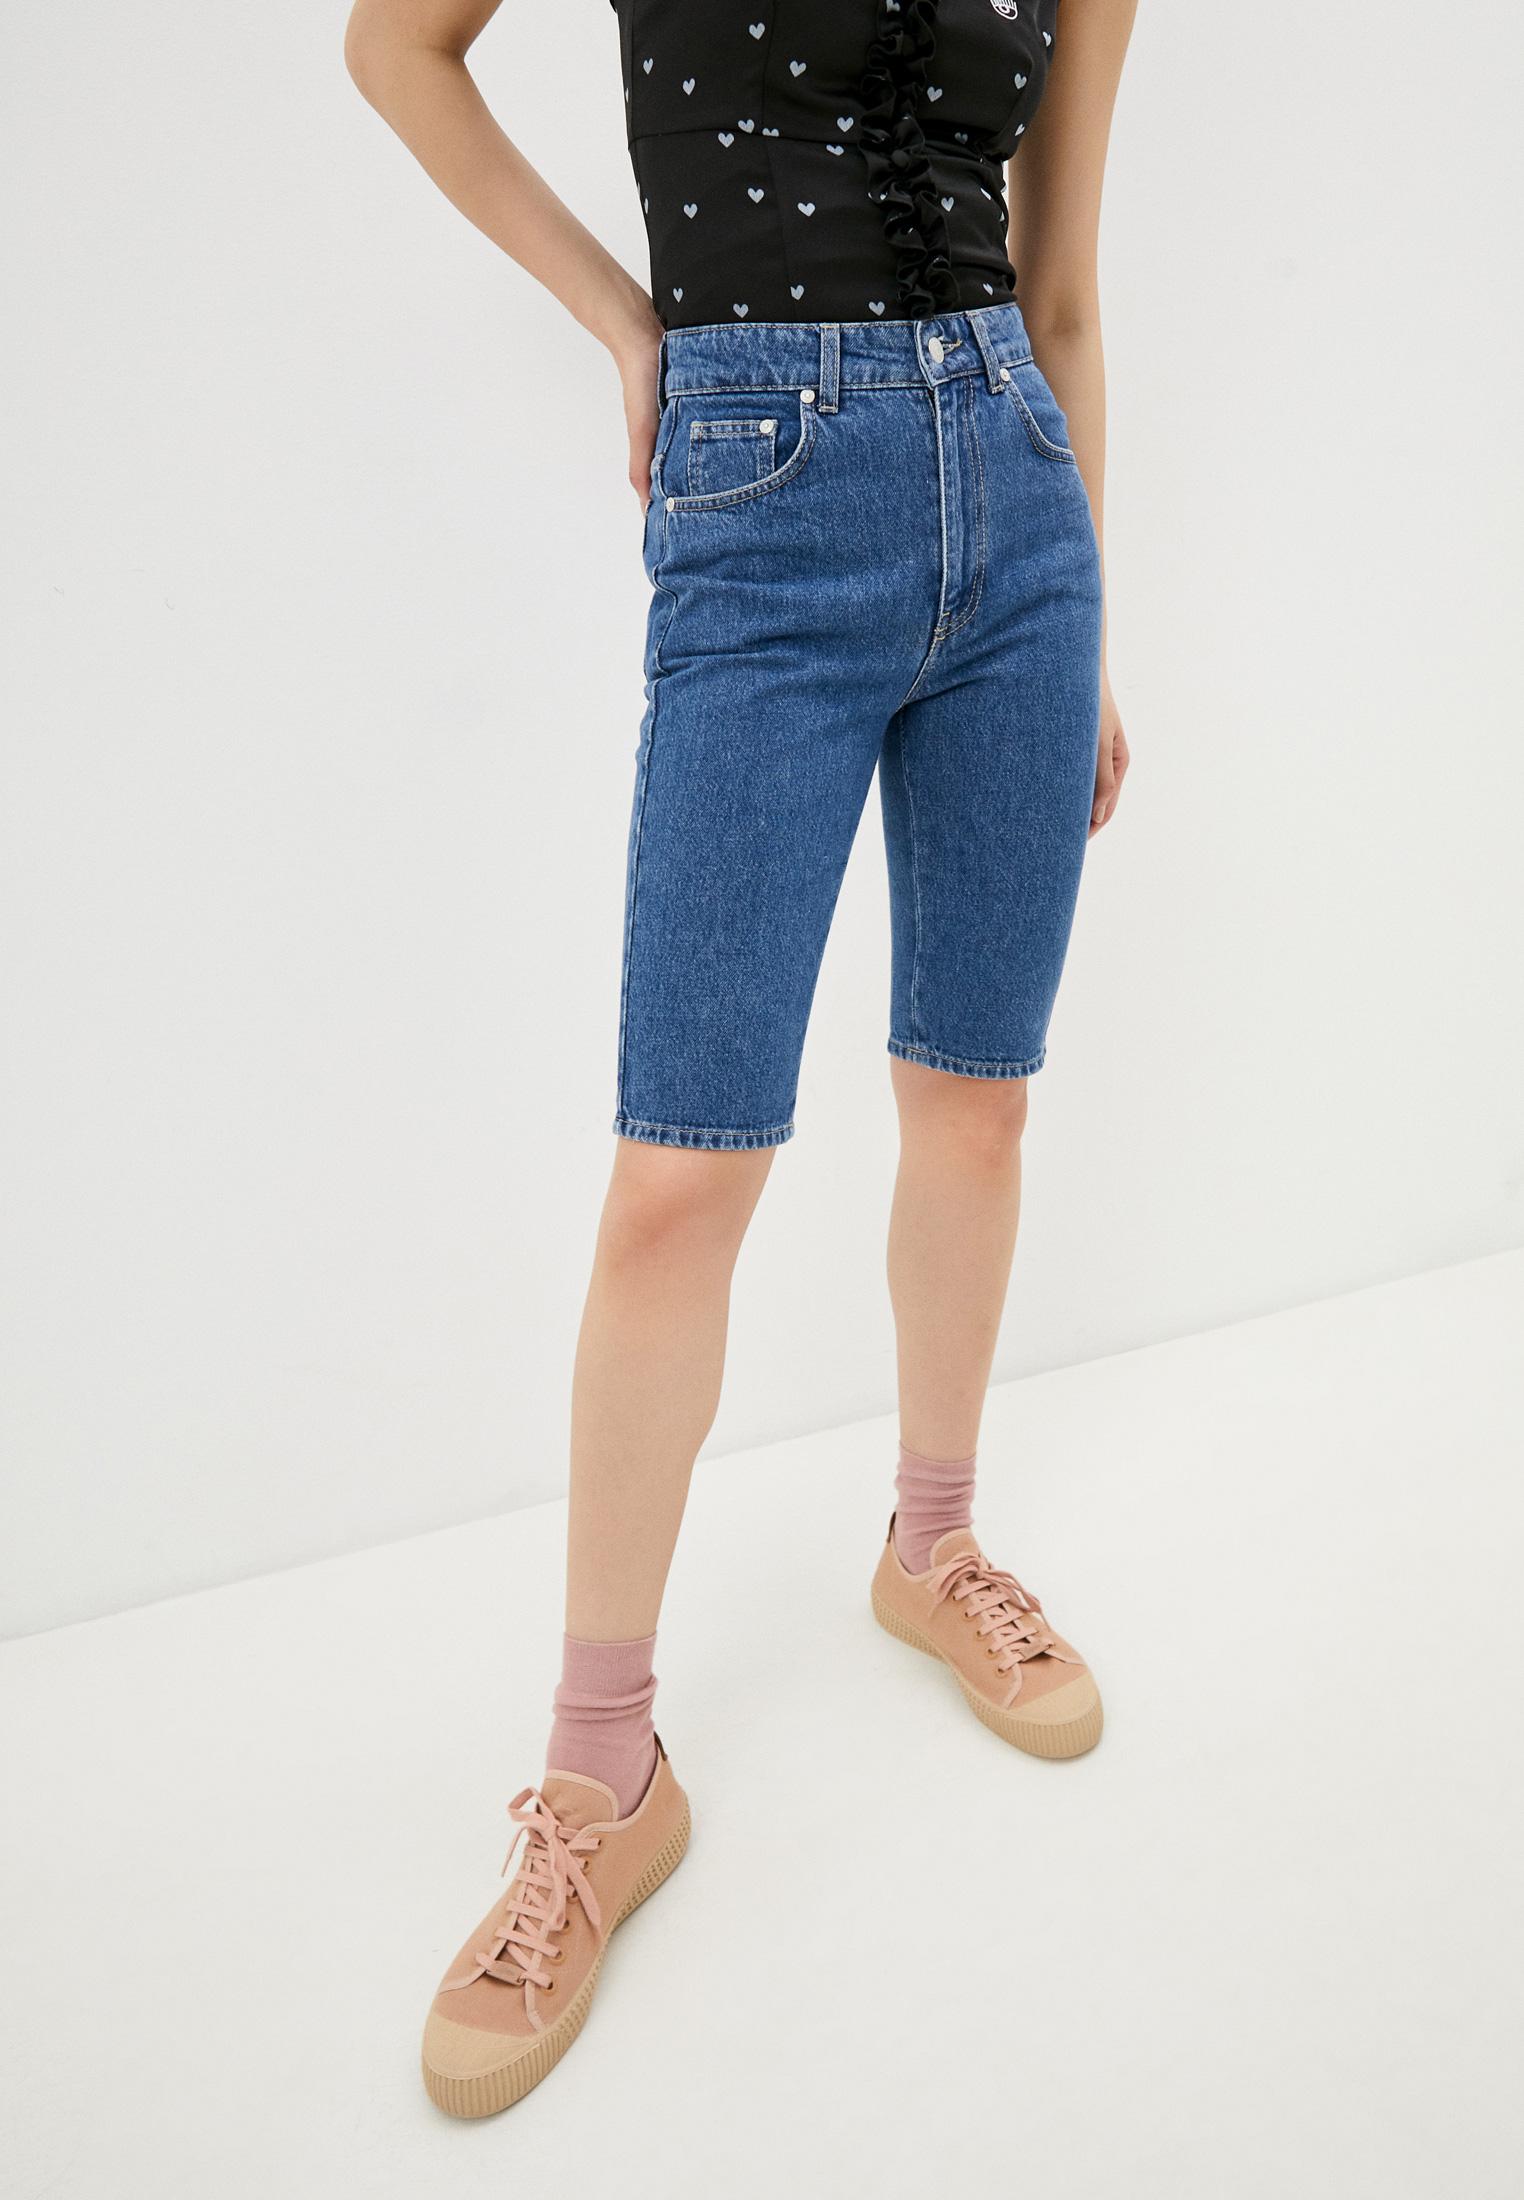 Женские джинсовые шорты Chiara Ferragni Collection Шорты джинсовые Chiara Ferragni Collection